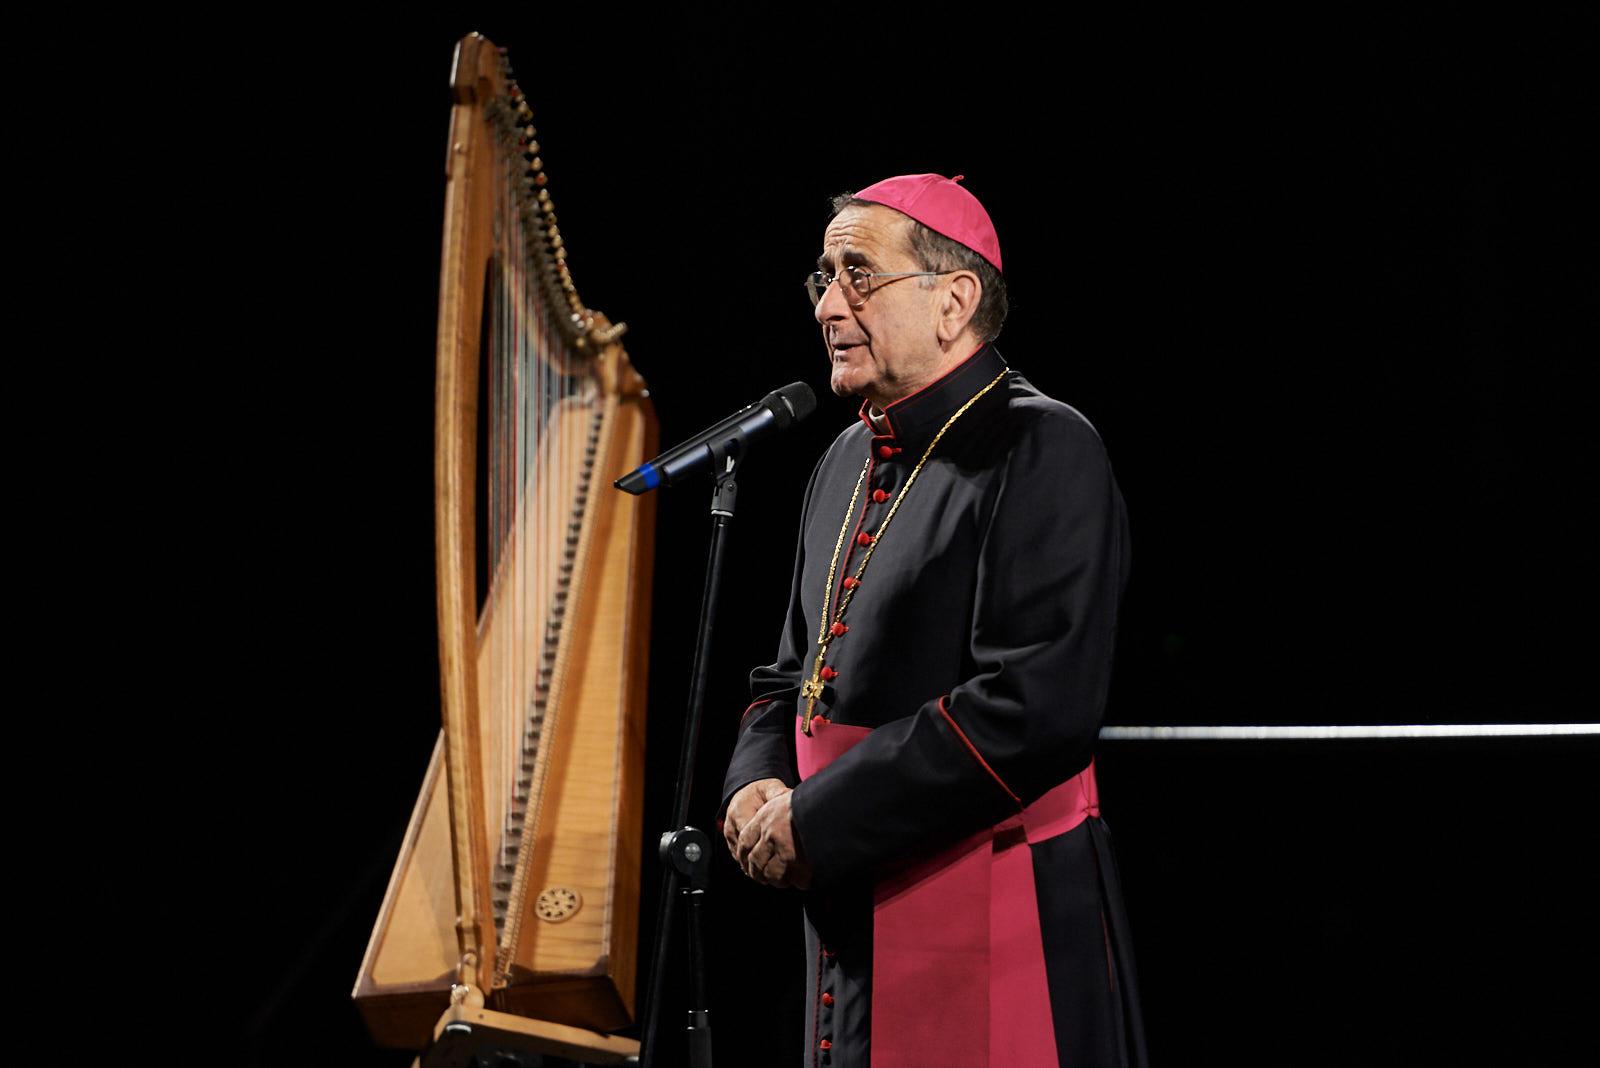 S.E.R. Mons. Mario Delpini, Arcivescovo di Milano